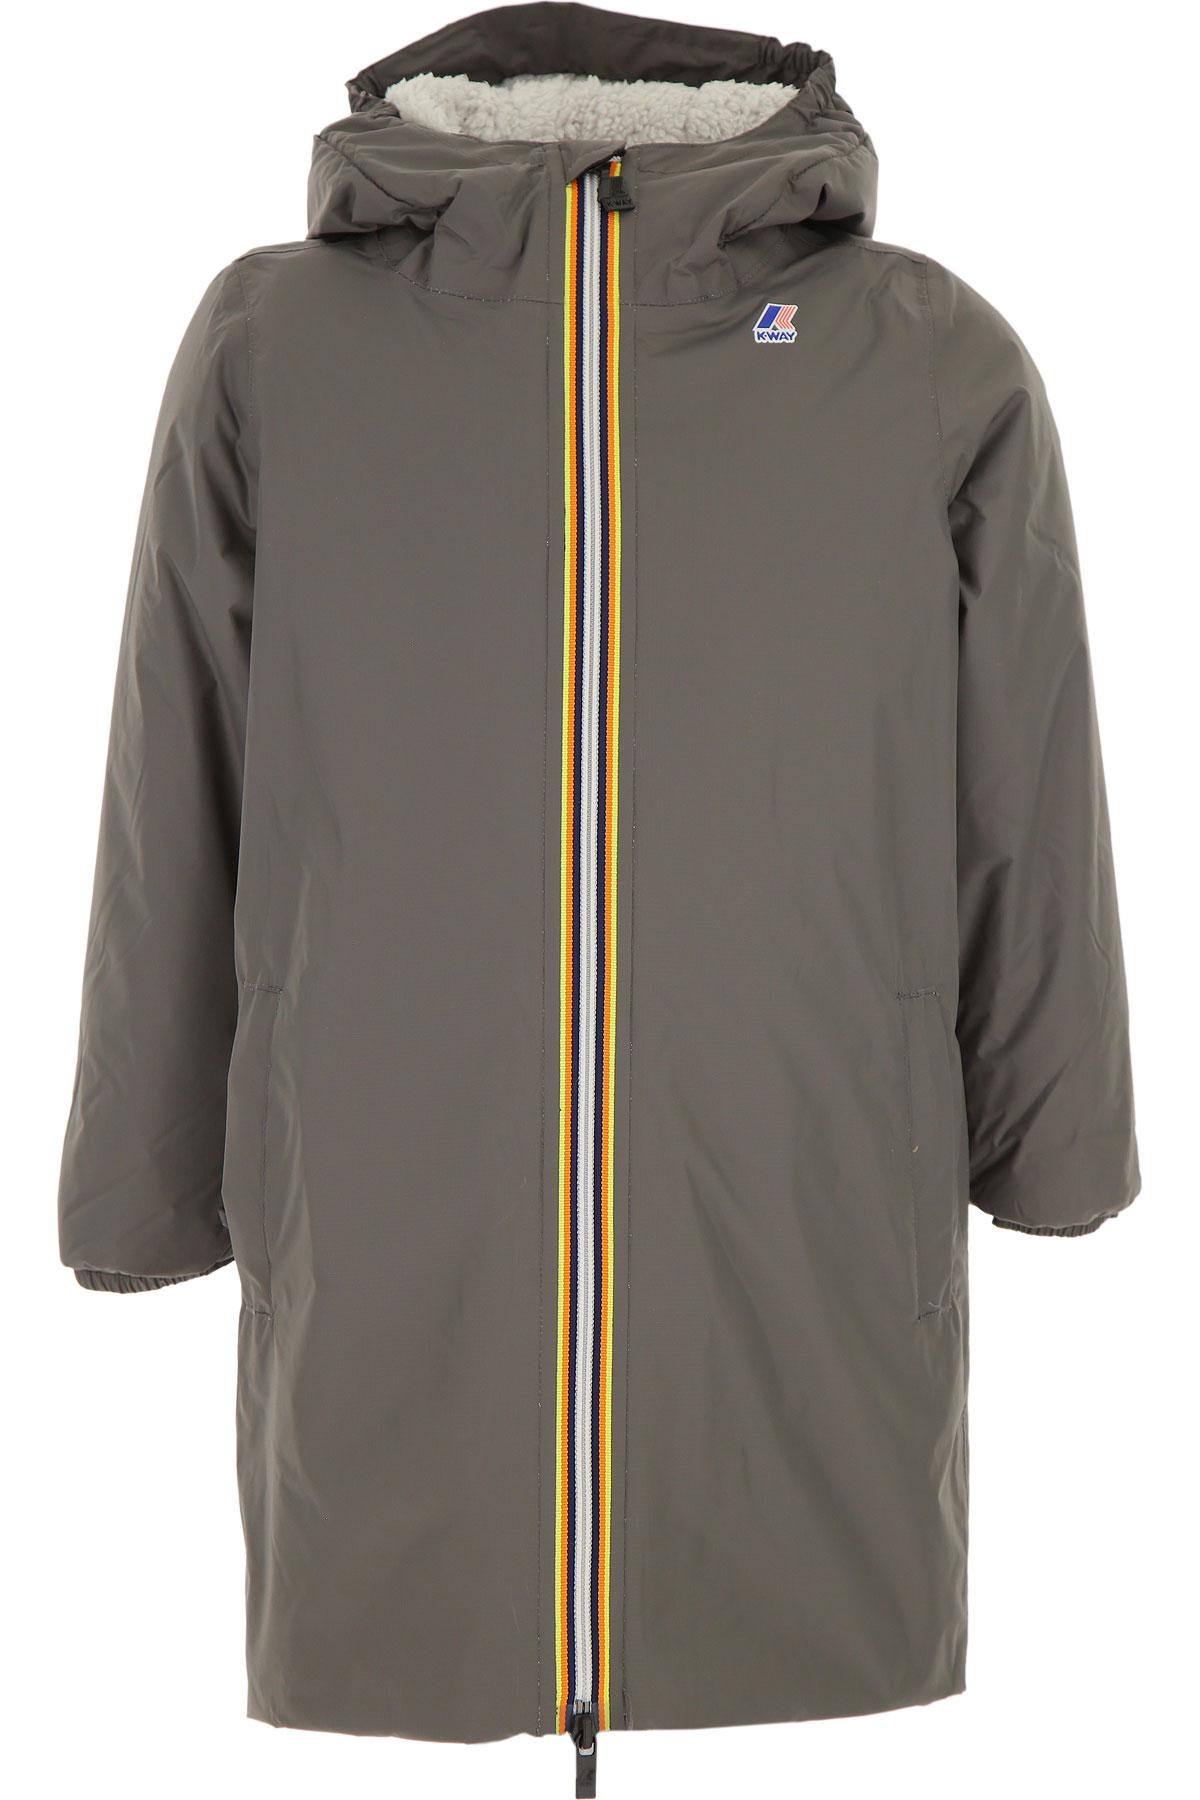 K-Way Boys Down Jacket for Kids, Puffer Ski Jacket On Sale, Grey, polyamide, 2019, 10Y 12Y 14Y 16Y 6Y 8Y